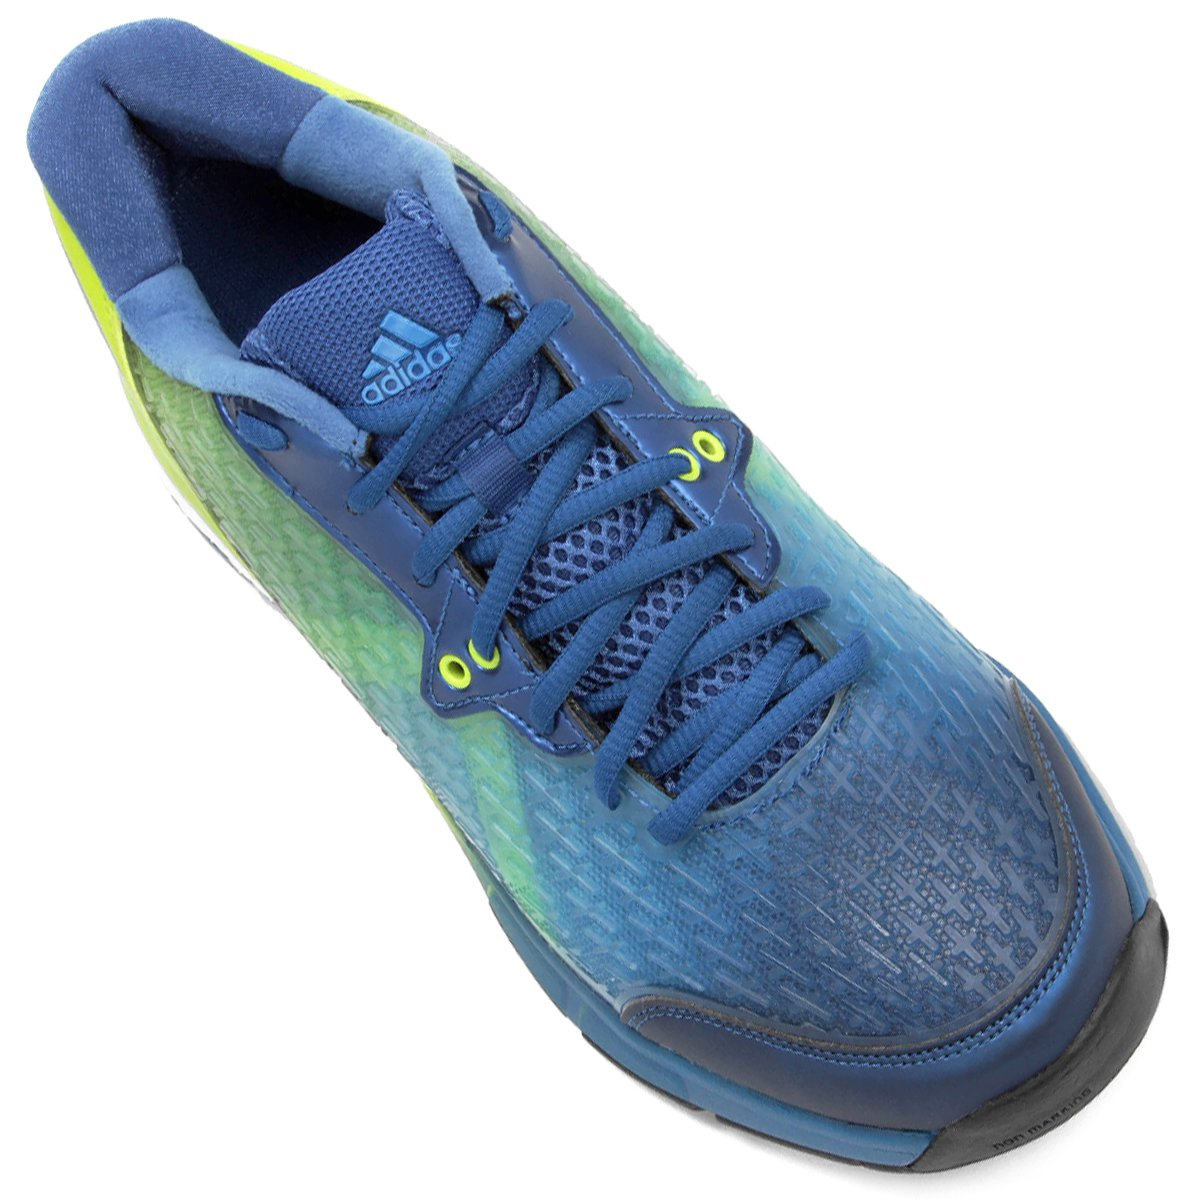 Tênis Adidas Energy Volley Boost 2 - Compre Agora  9945b6e8000c9